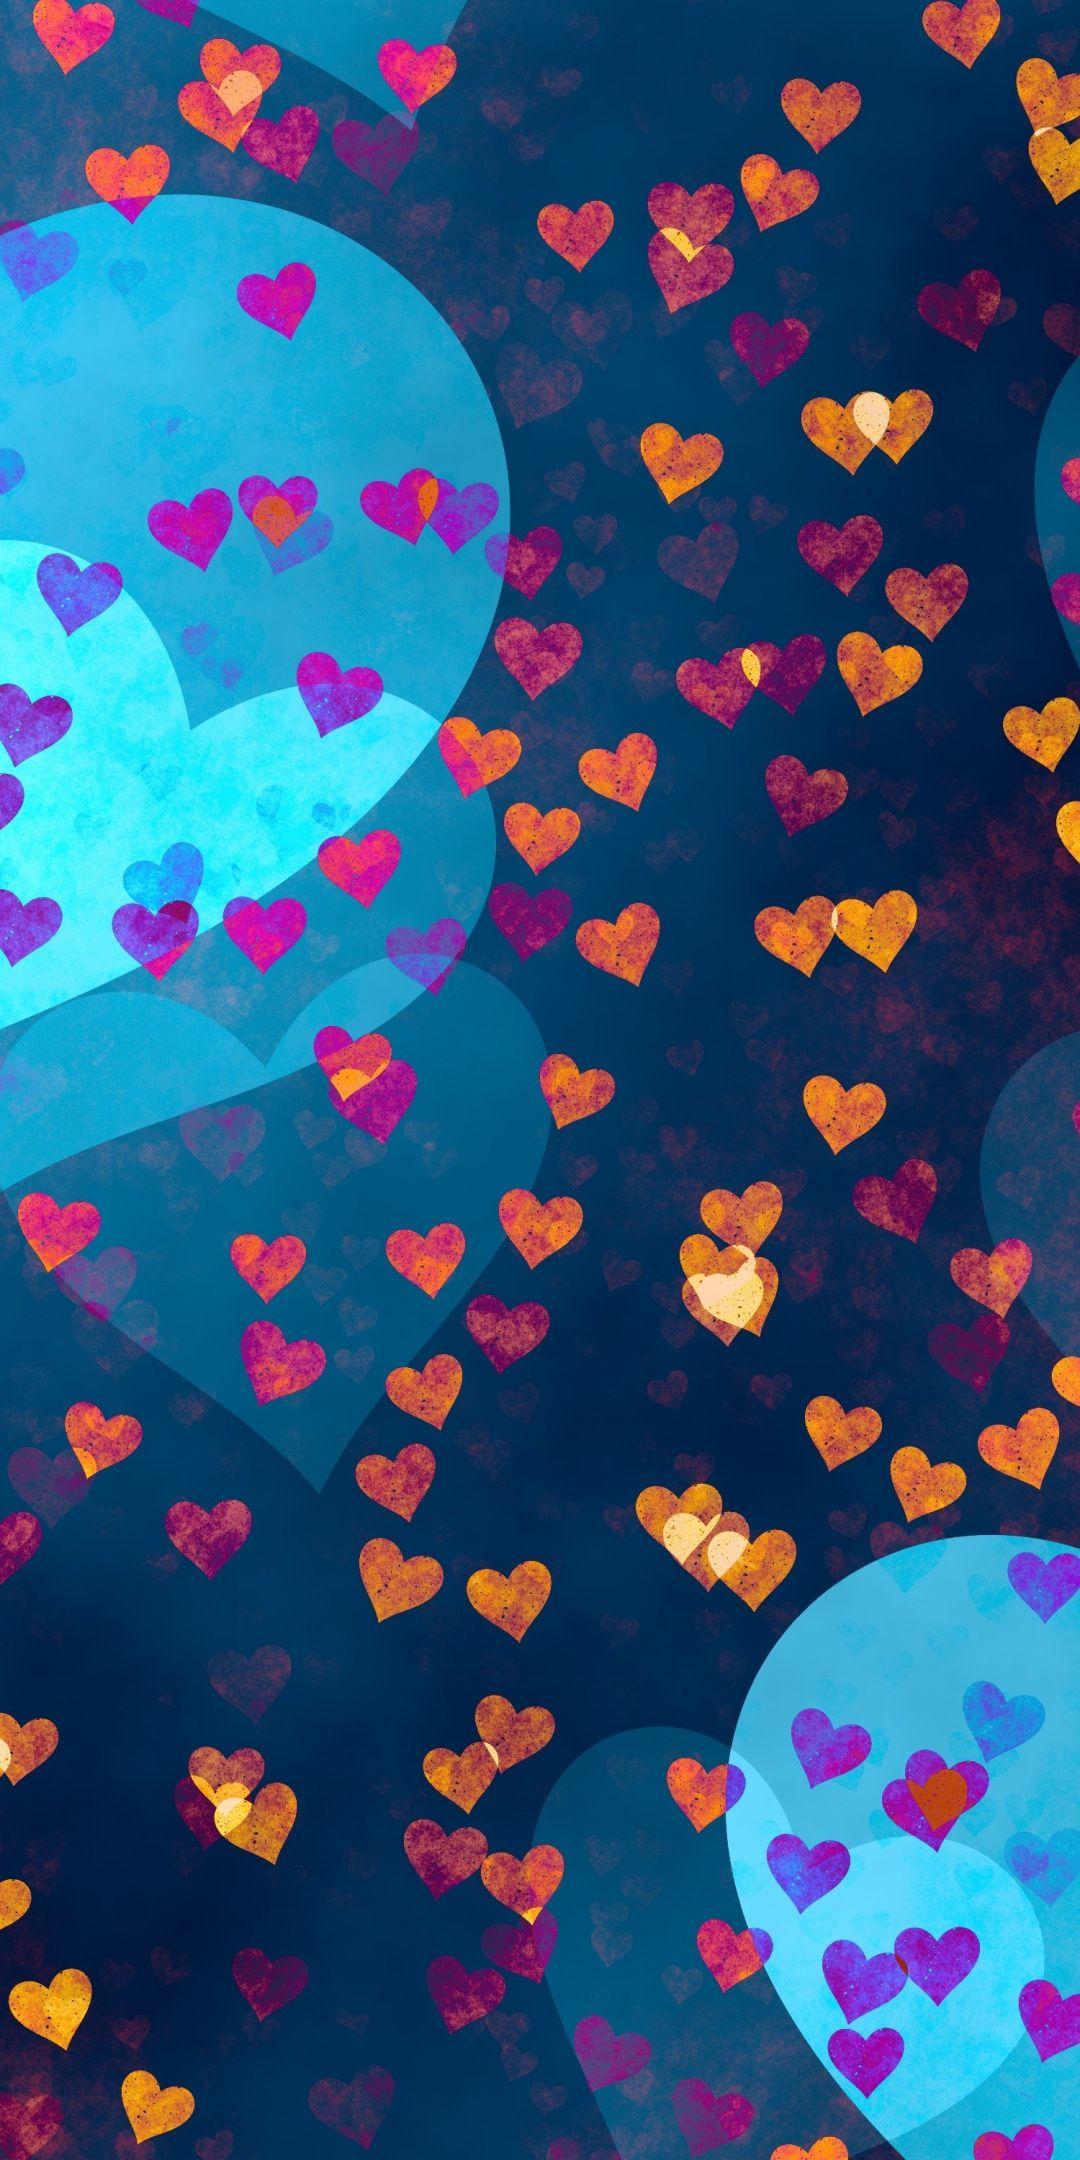 Love Hearts Pattern Golden And Pink 1080x2160 Wallpaper Turquoise Art Art Wallpaper Wallpaper